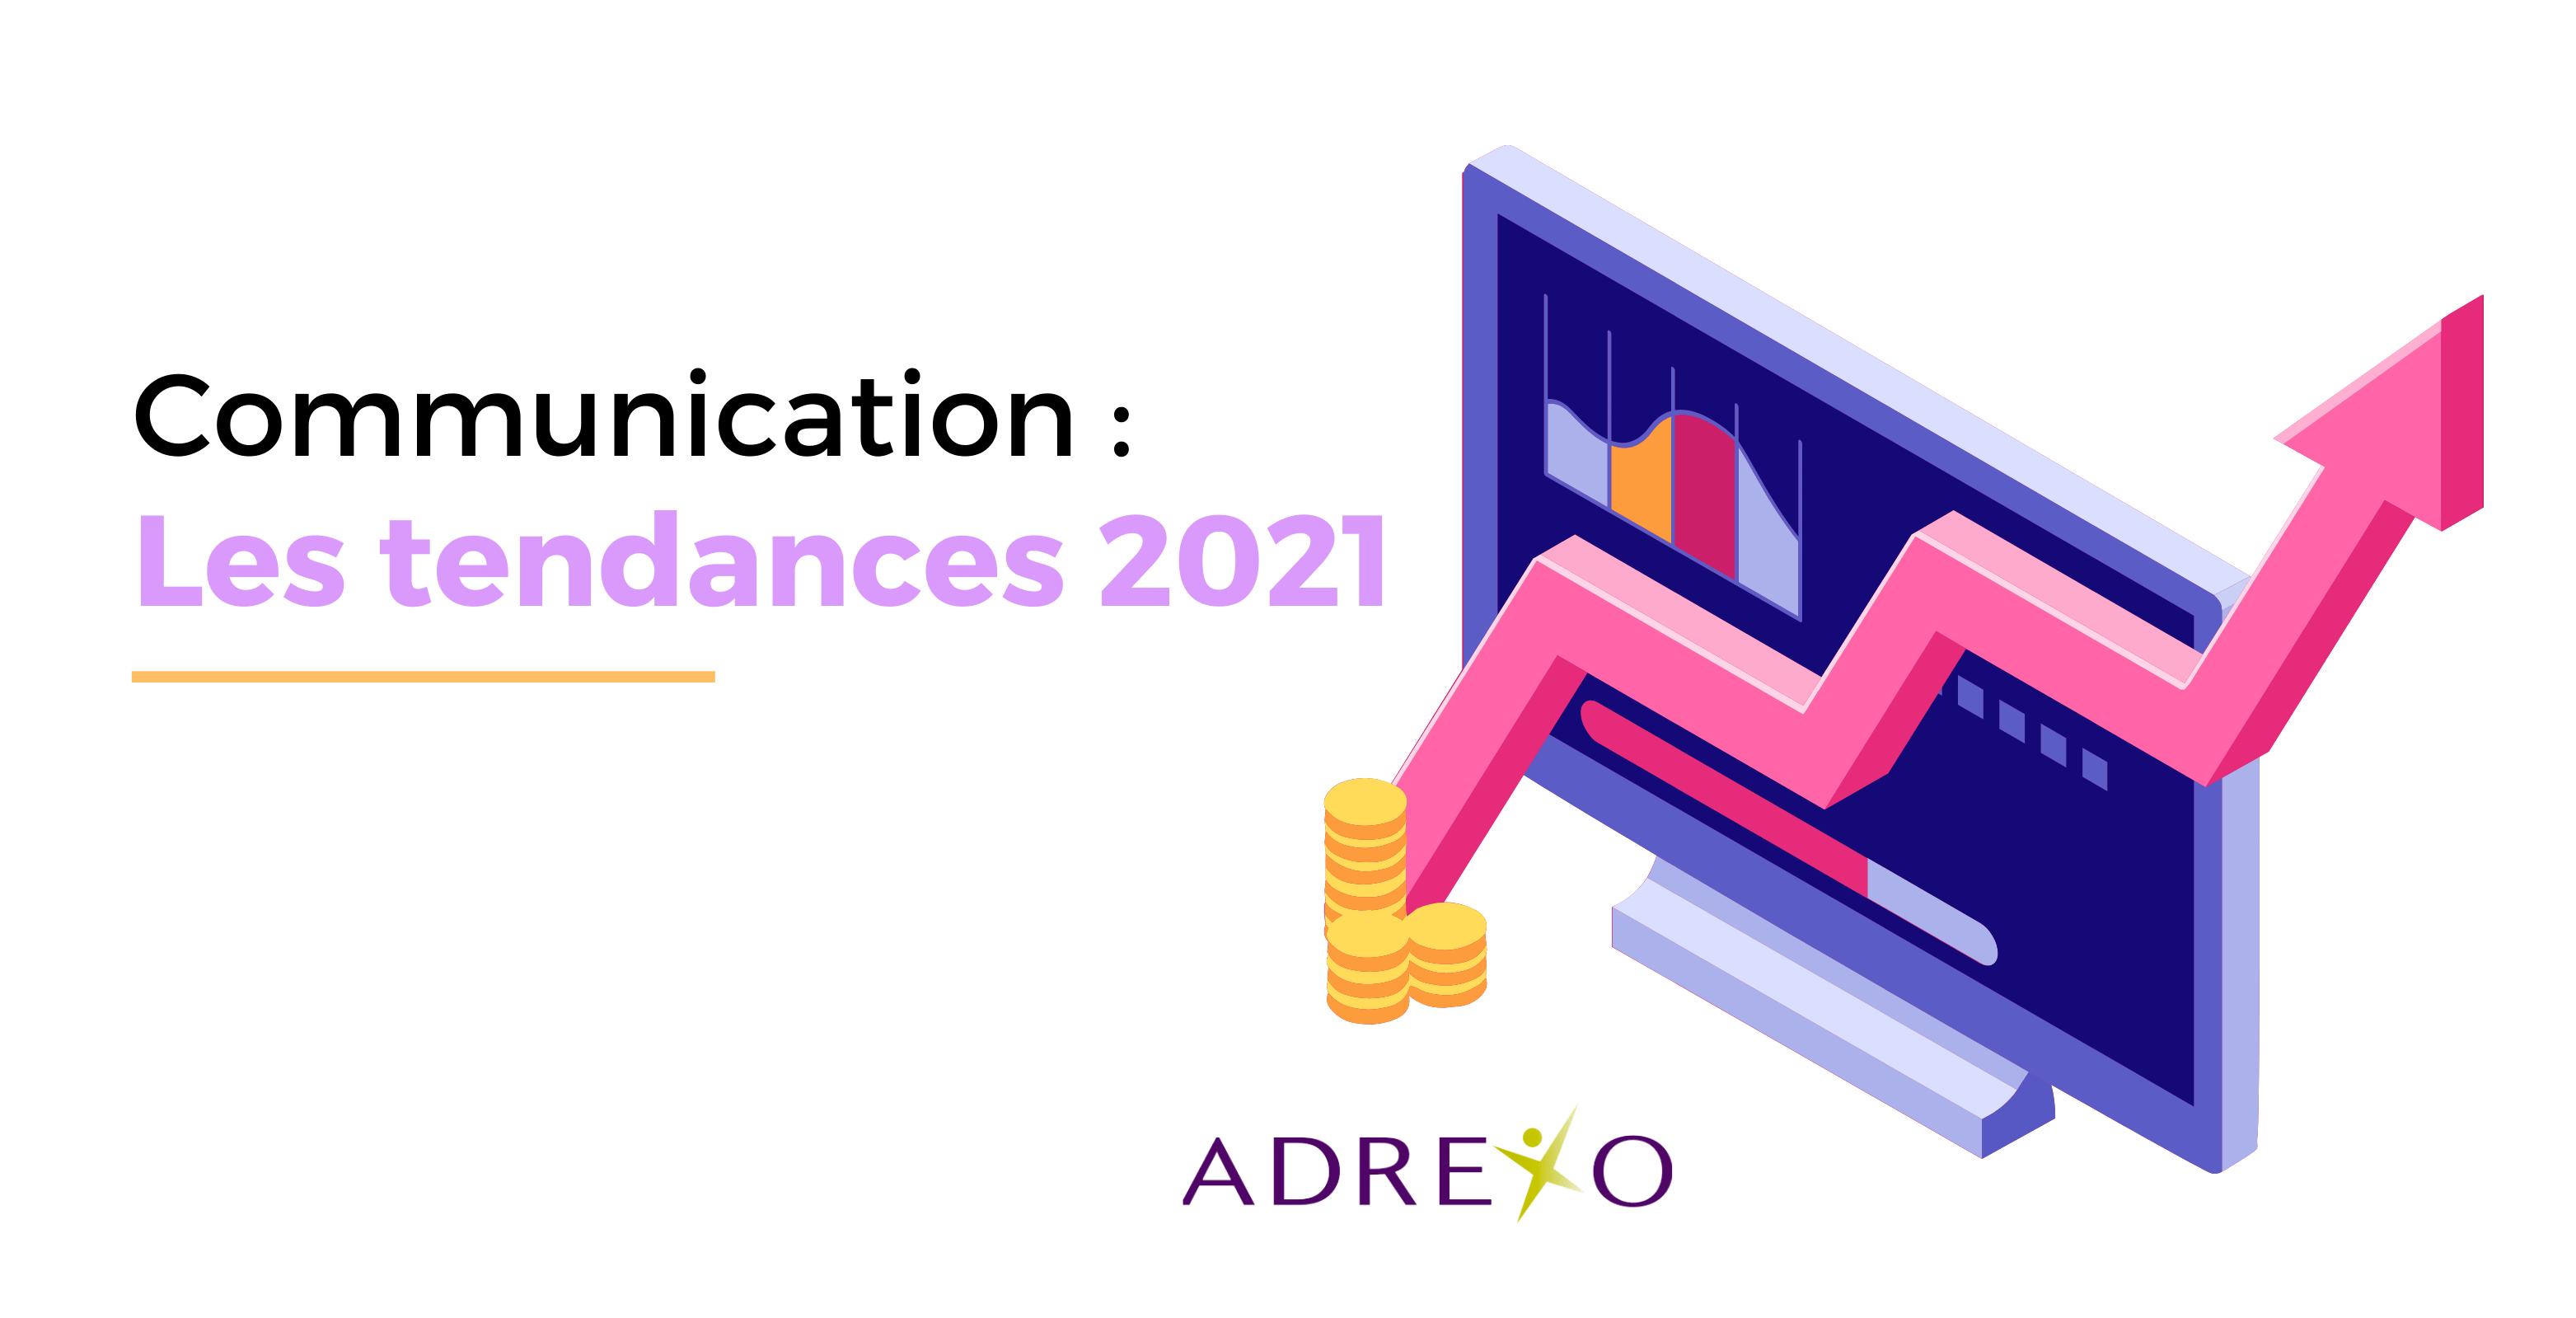 Communication : quelles tendances en 2021 ?